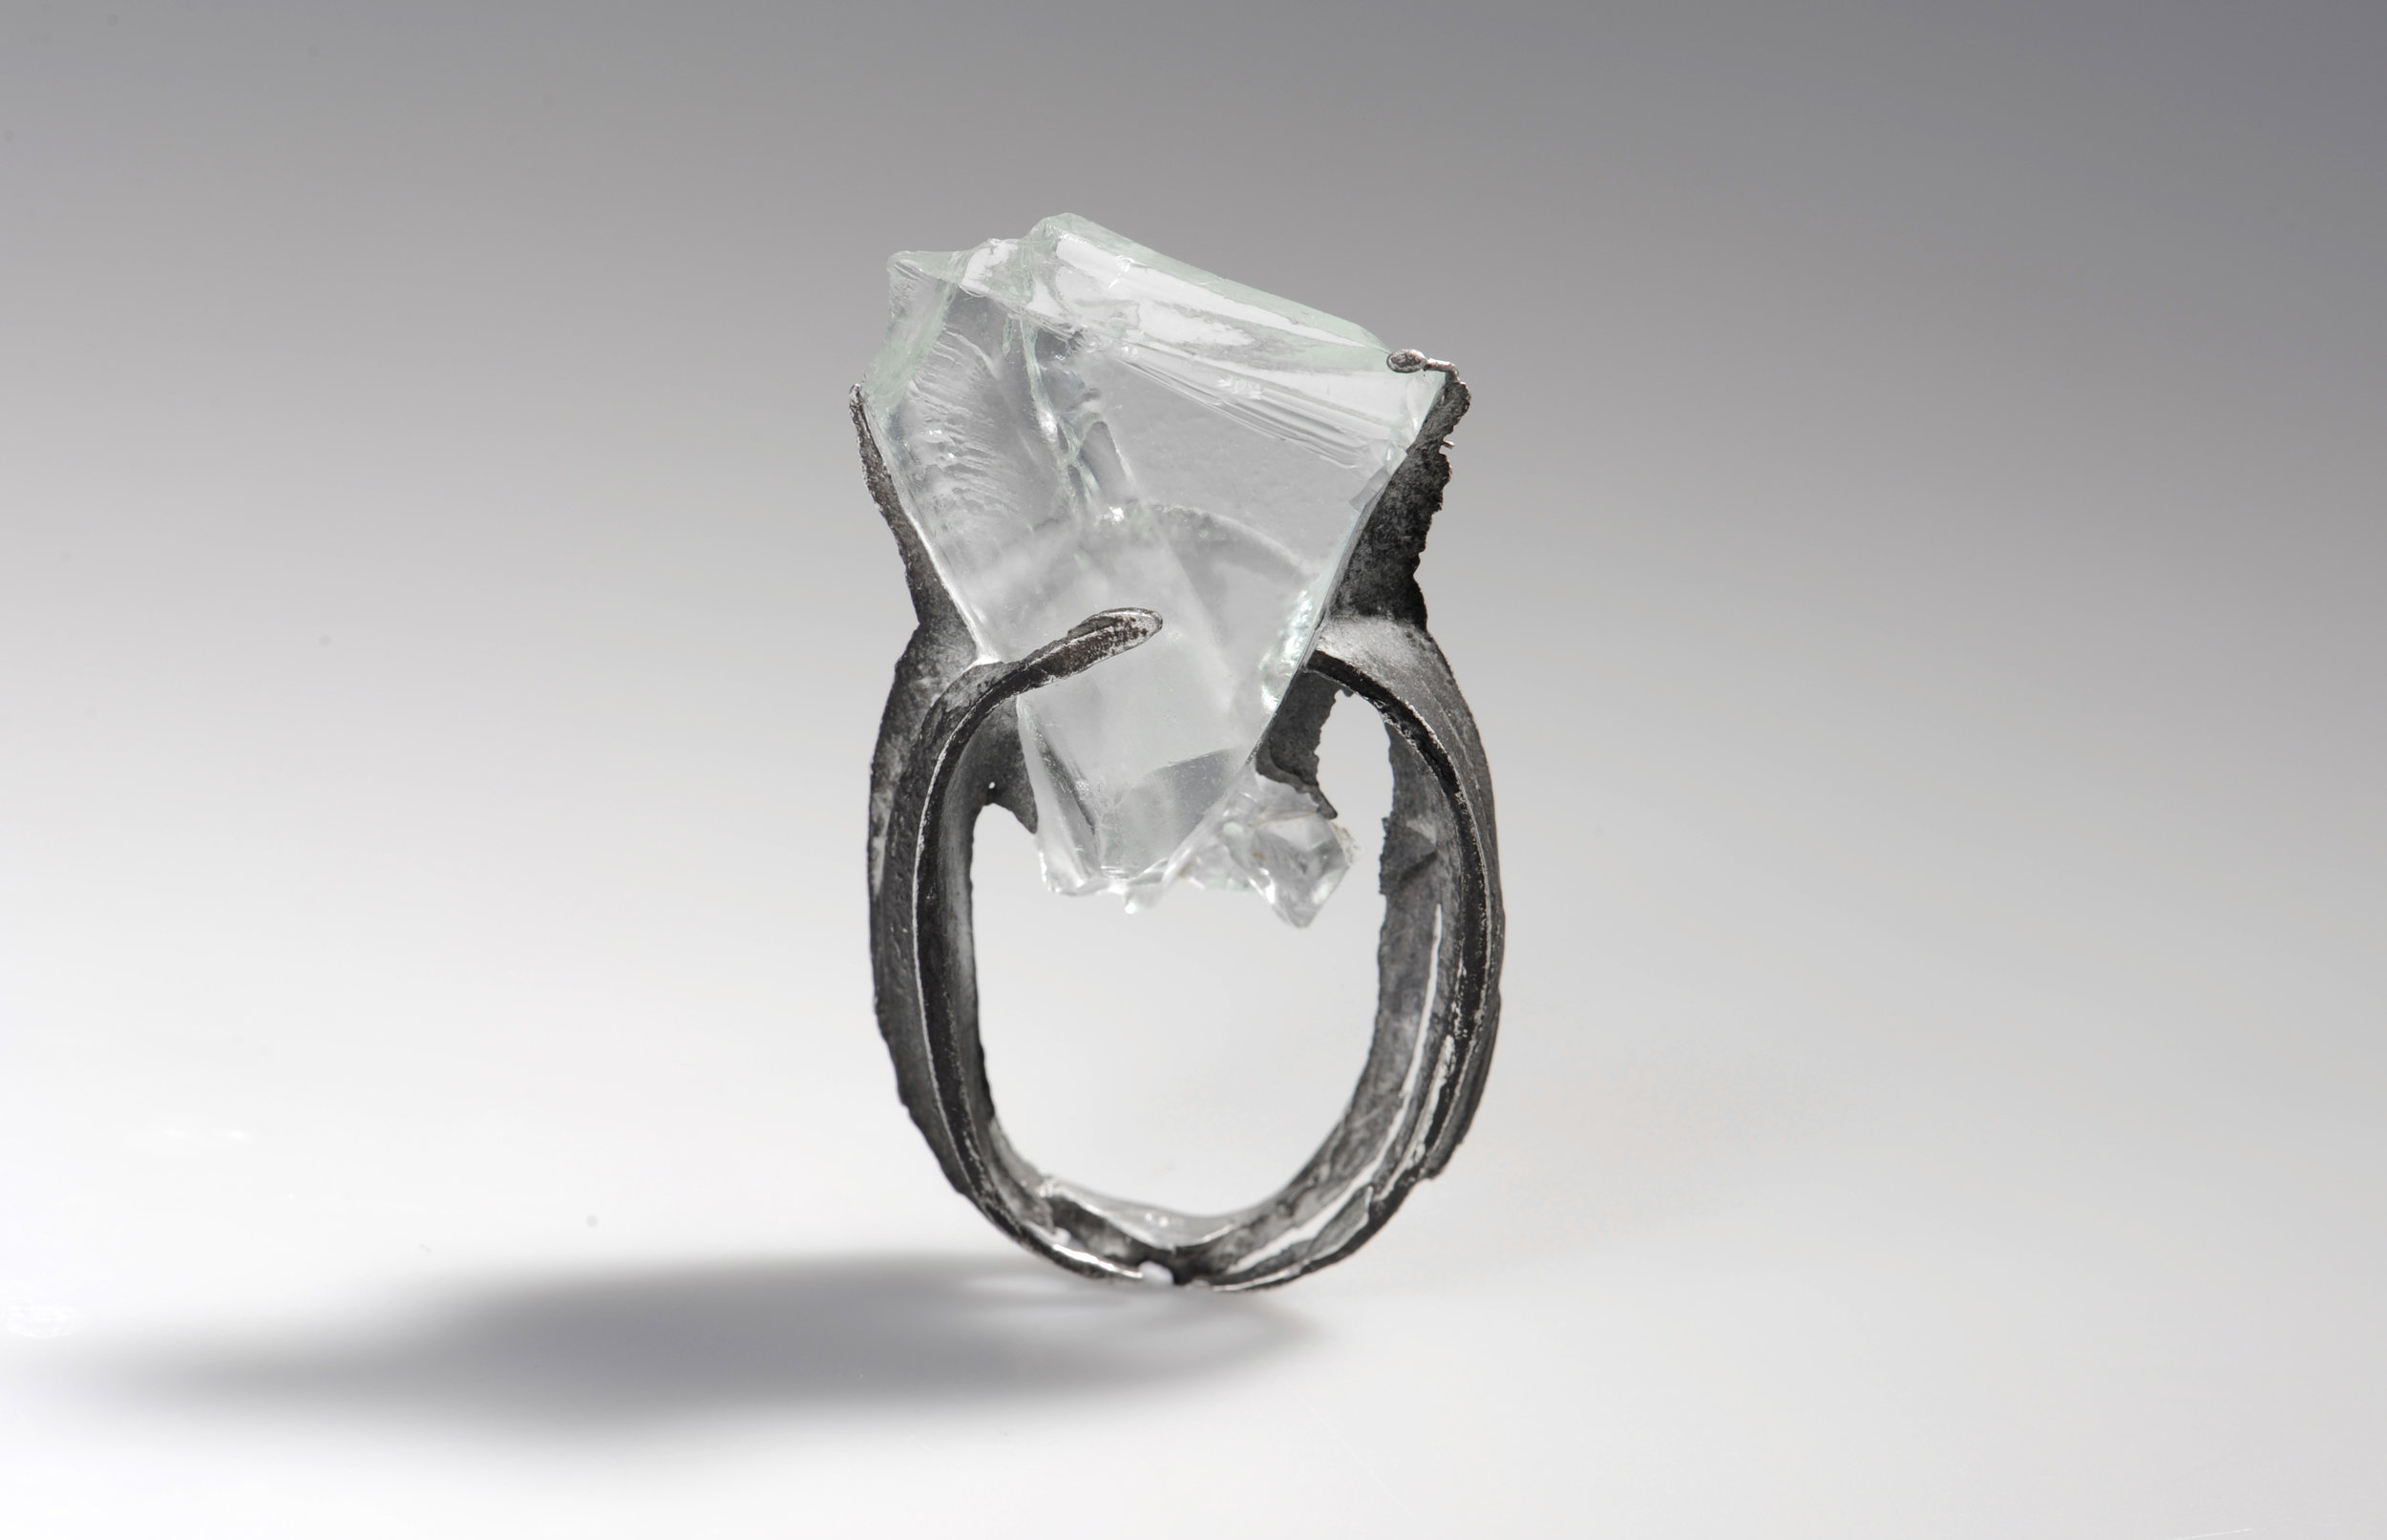 Kopie von silver ring with glass by Nora Werner